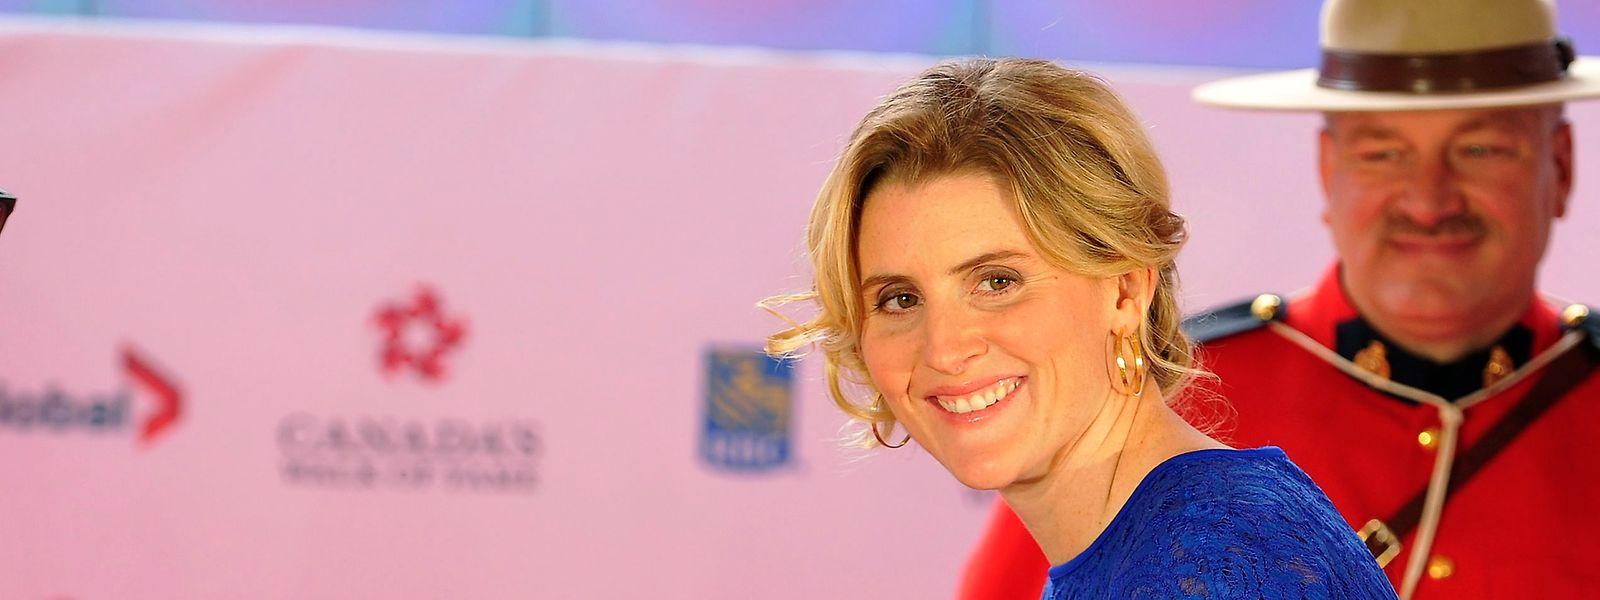 L'ancienne hockeyeuse et membre du CIO Hayley Wickenheiser a elle aussi défendu la position de la majorité des athlètes.